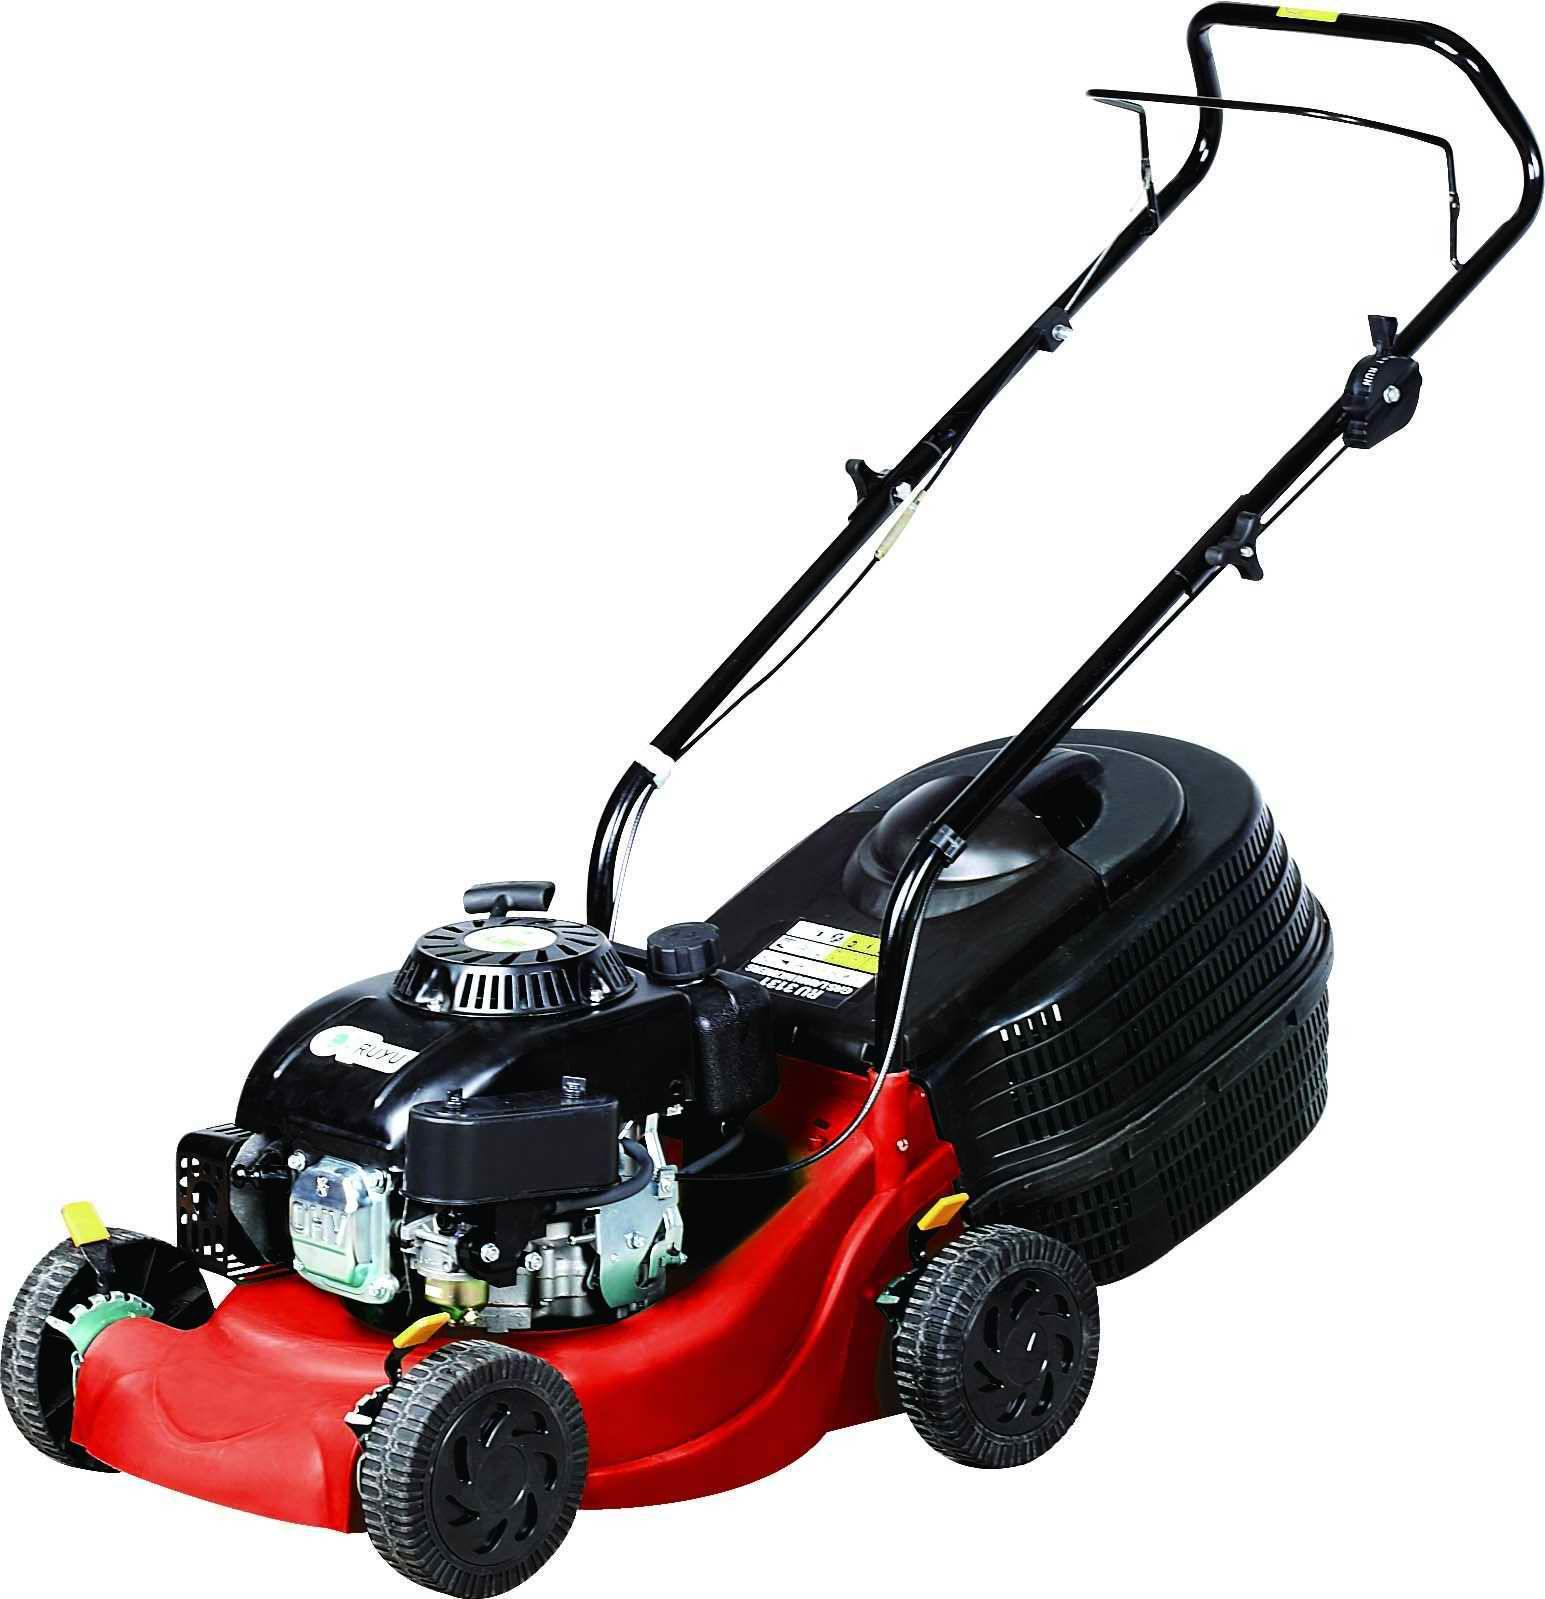 Pin By Gardening Boards On Gardening Essentials Lawn Mower Mower Shop Mower